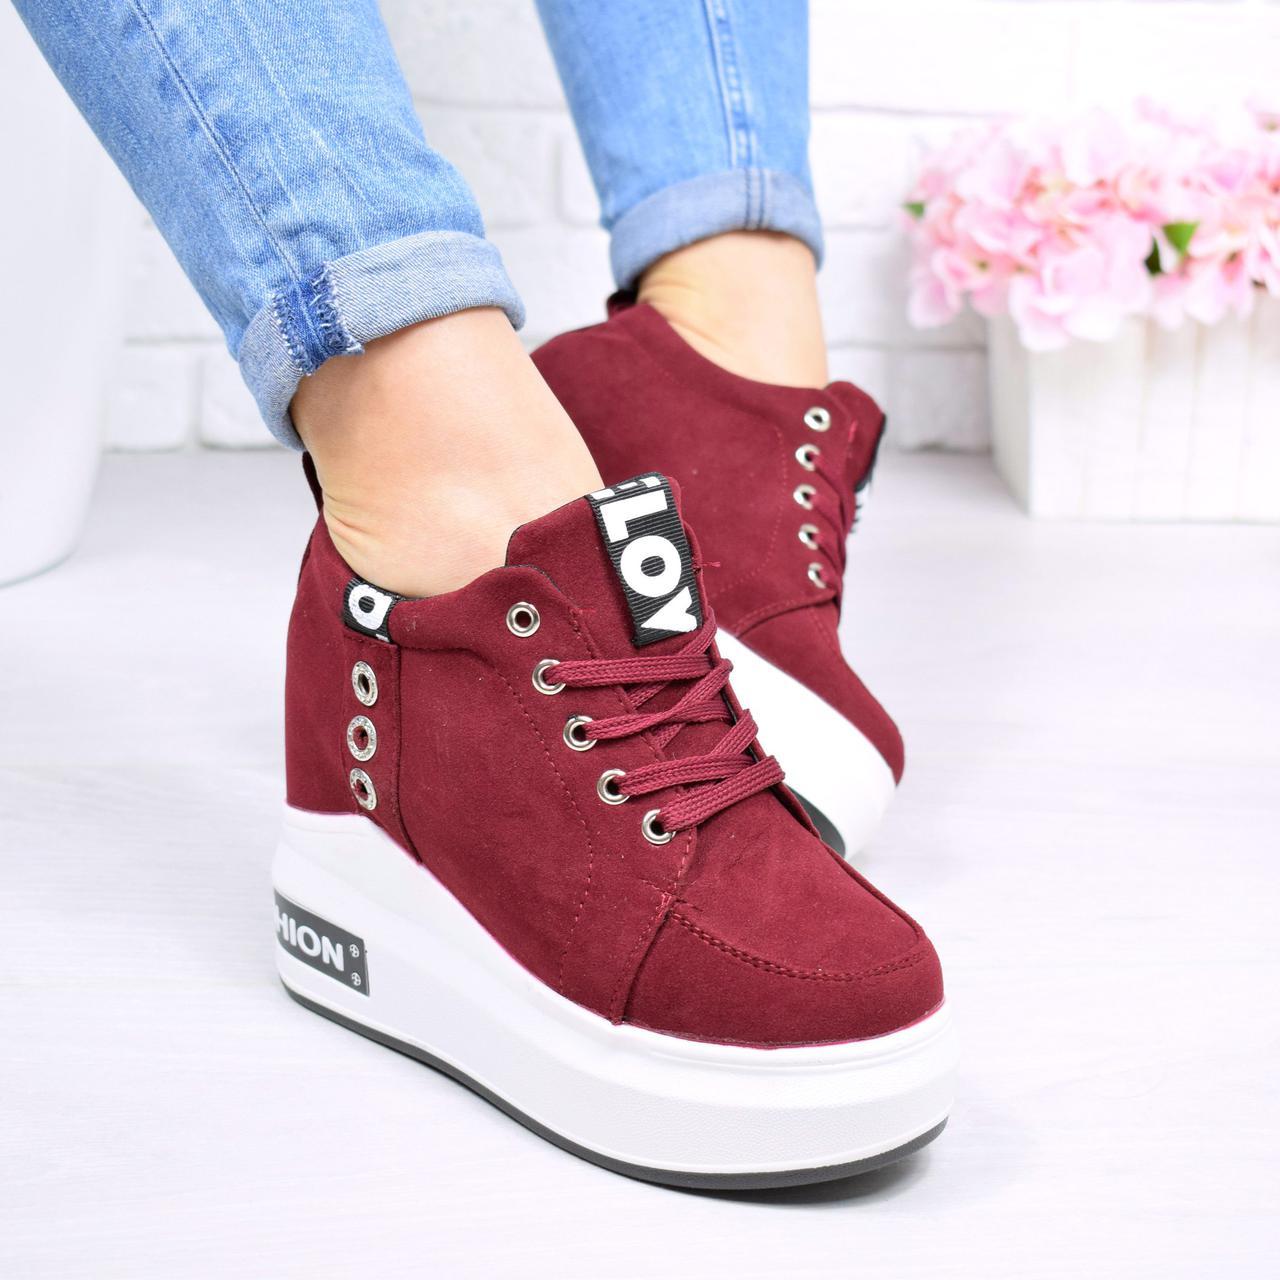 Купить Кроссовок женский на платформе Malic бордо женскую обувь по ... 2b1f0169c9e